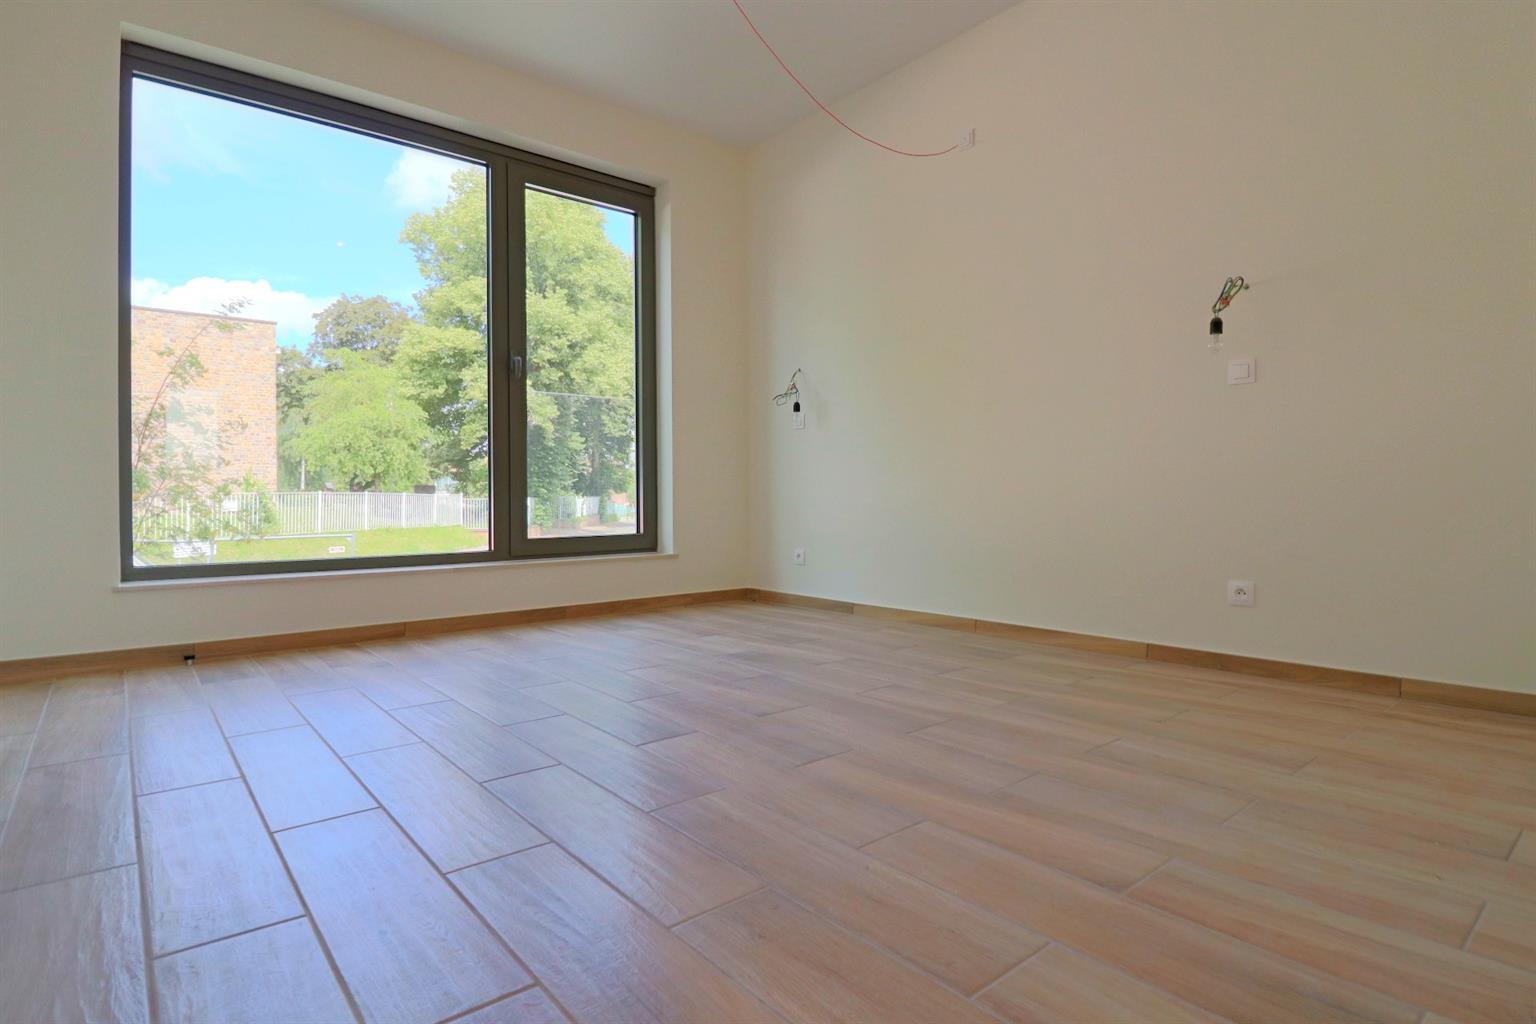 Appartement - Ottignies-Louvain-la-Neuve - #4406827-4